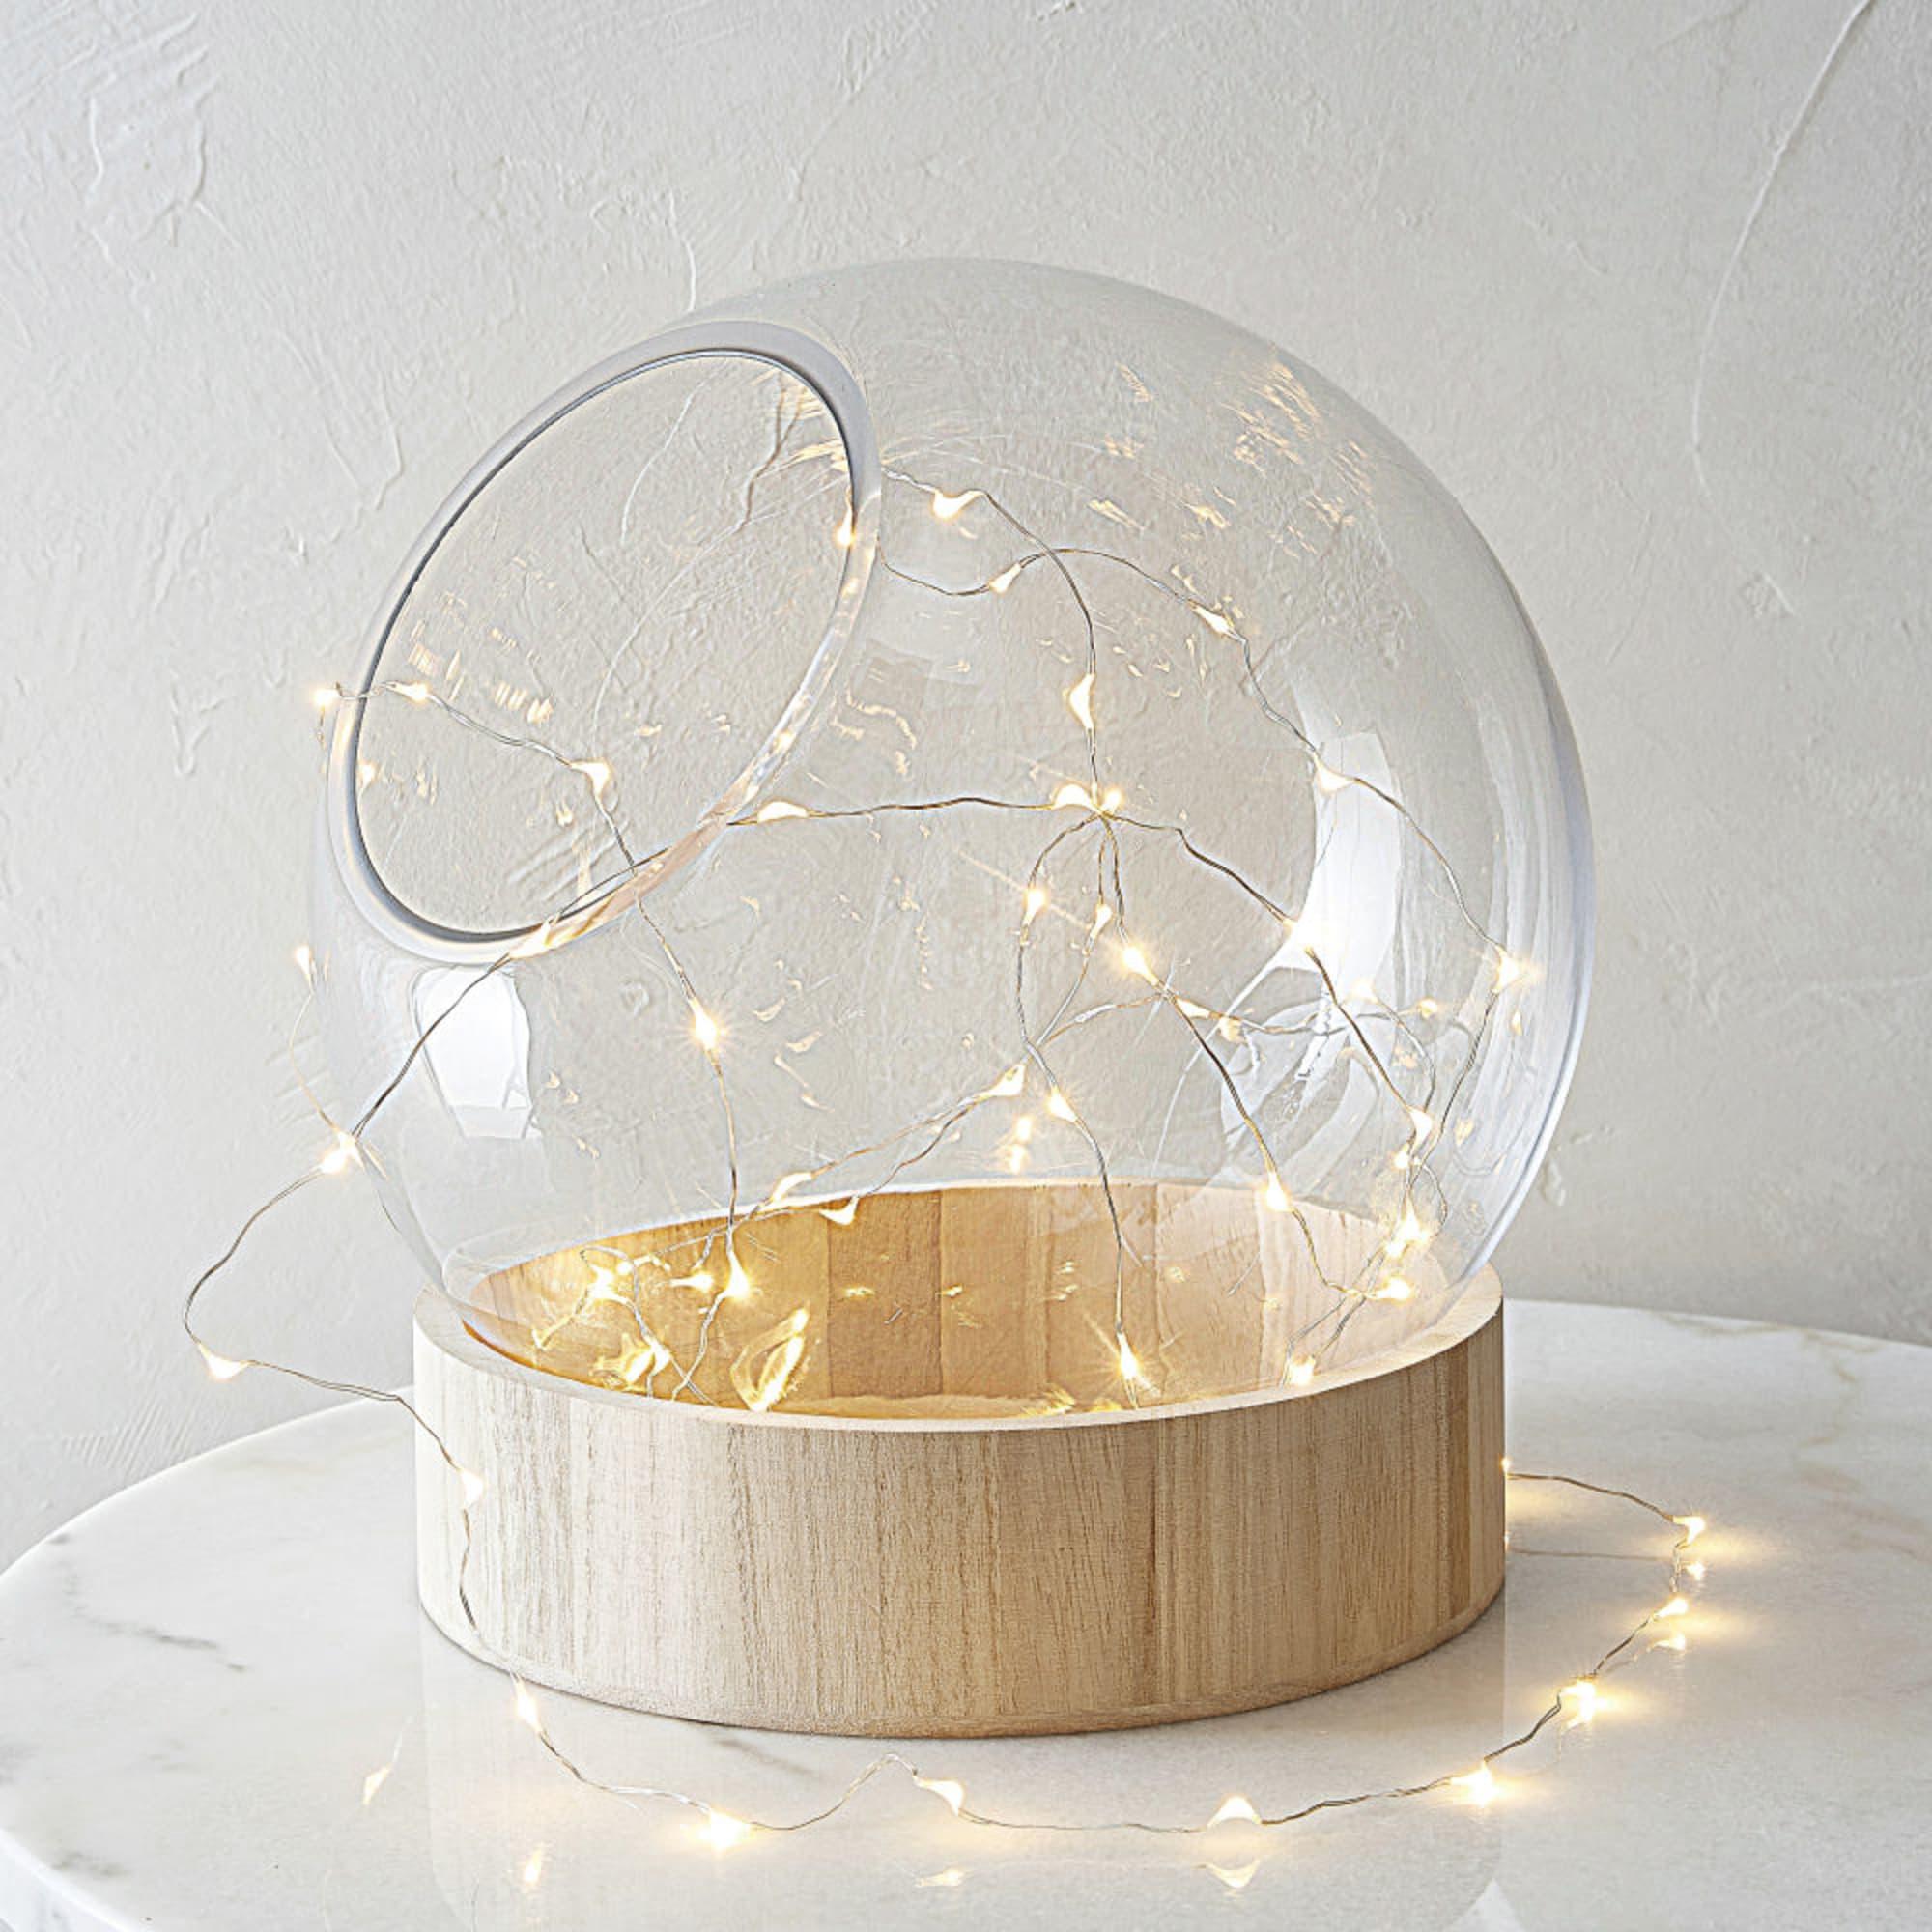 Luminaire Maison du monde - Guirlande lumineuse 60 LED en métal L305 en sphère